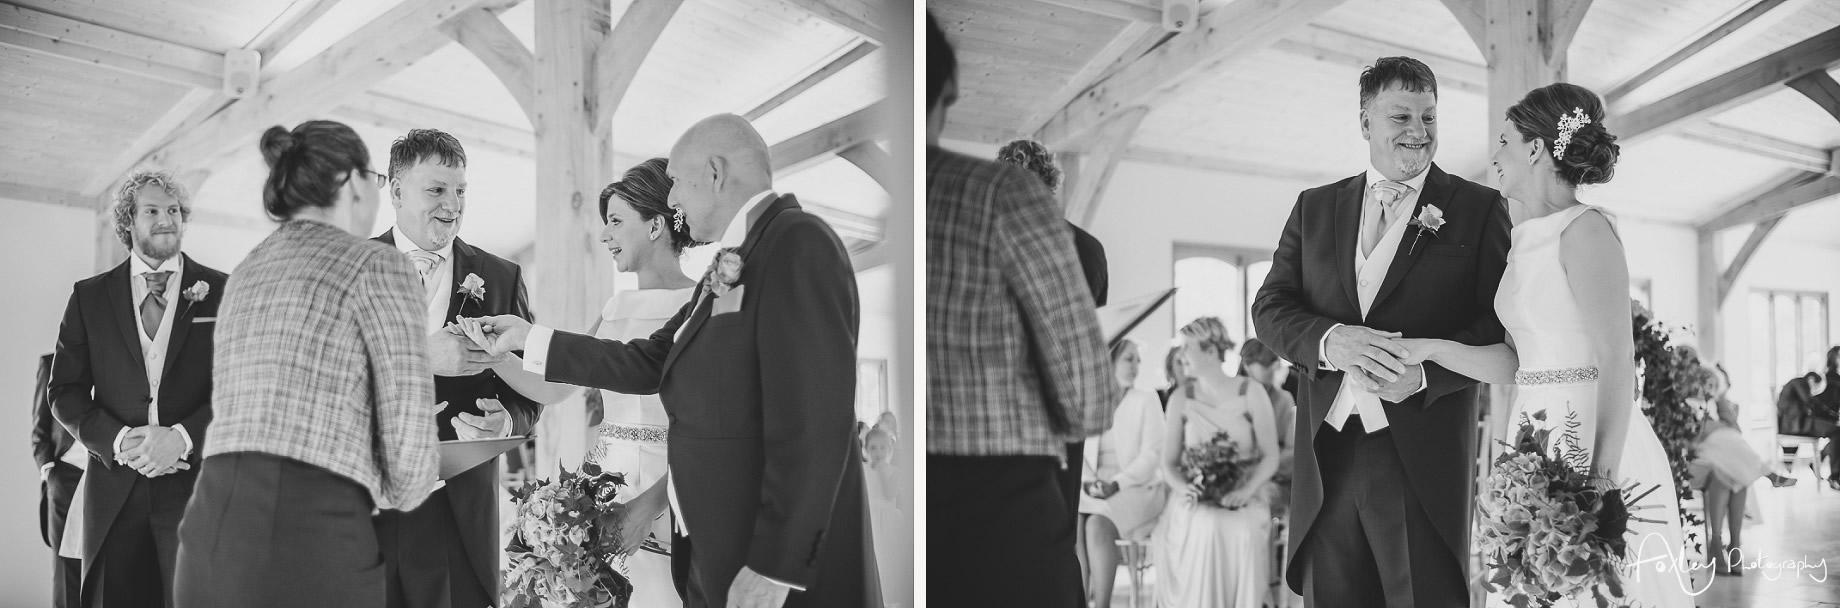 Simona-and-Robert-Wedding-at-Colshaw-Hall-099